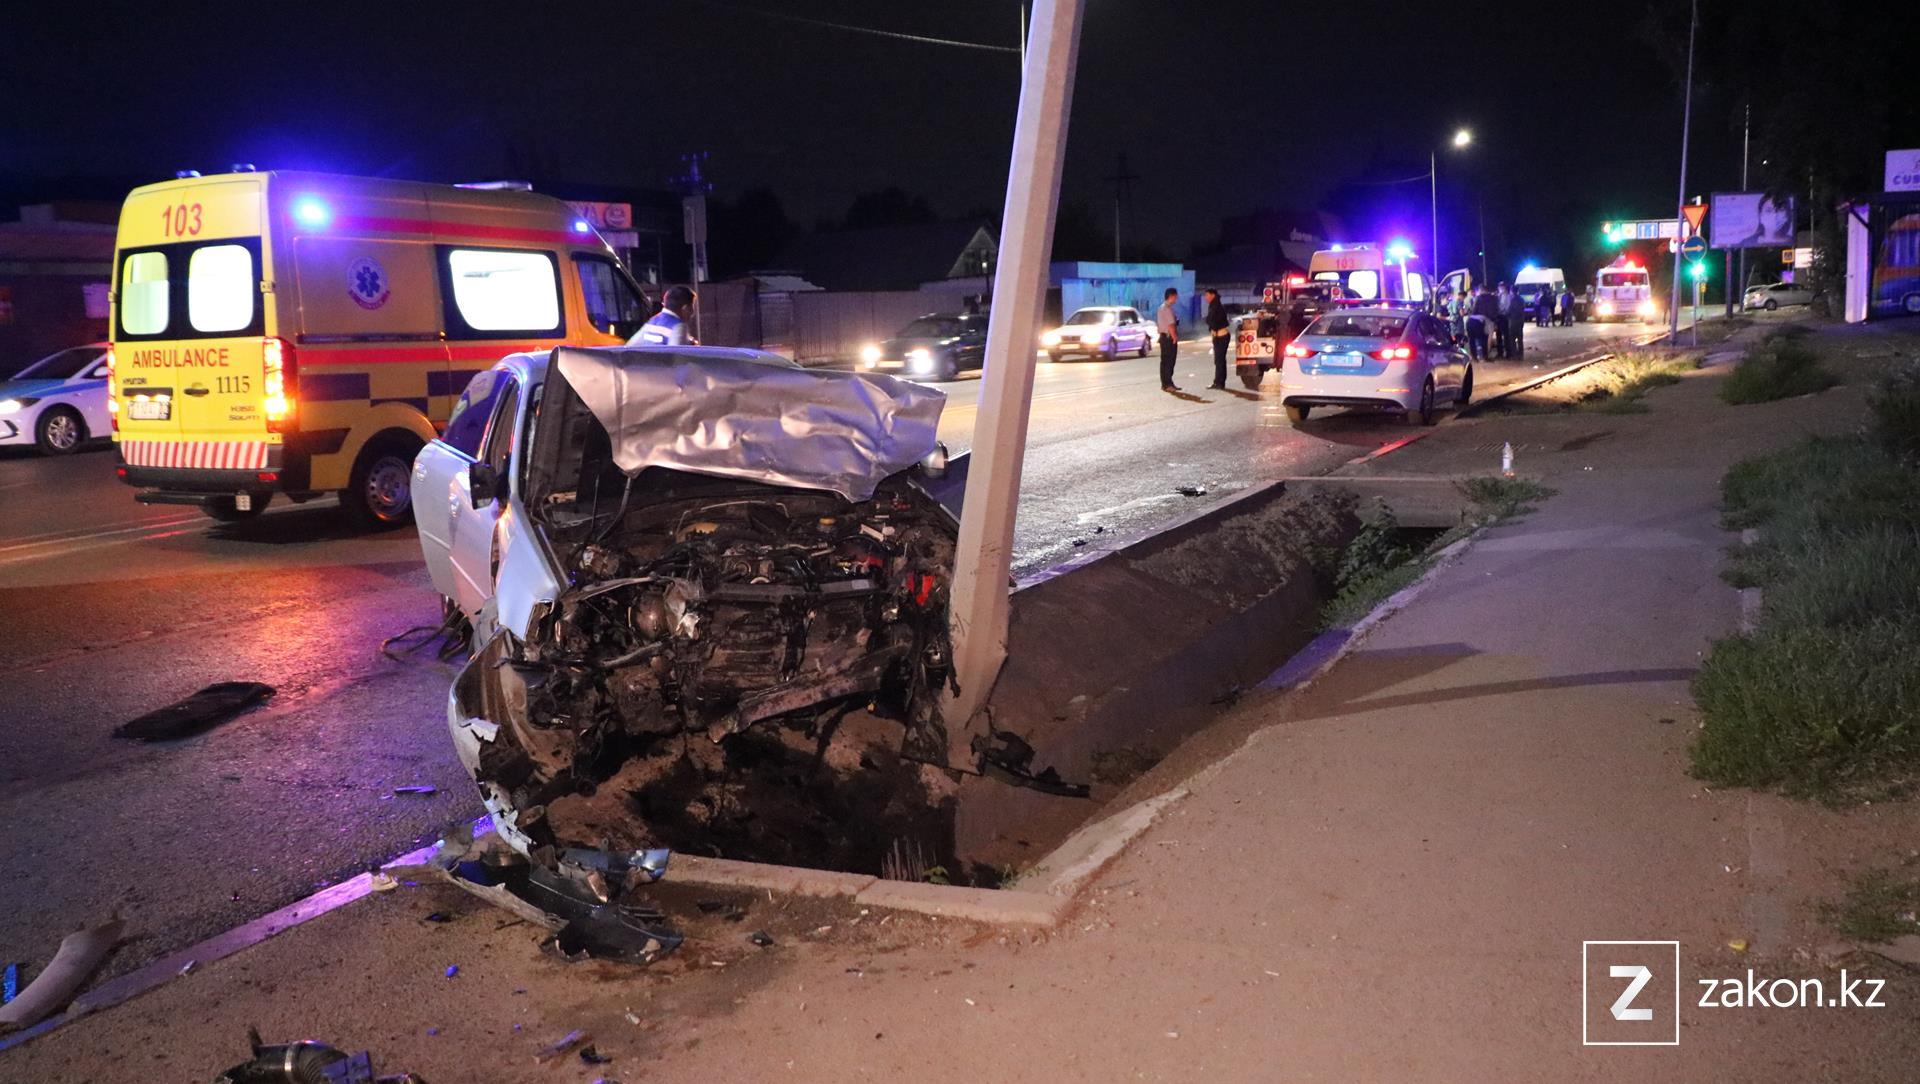 Два человека скончались в результате серьезной аварии в Алматы